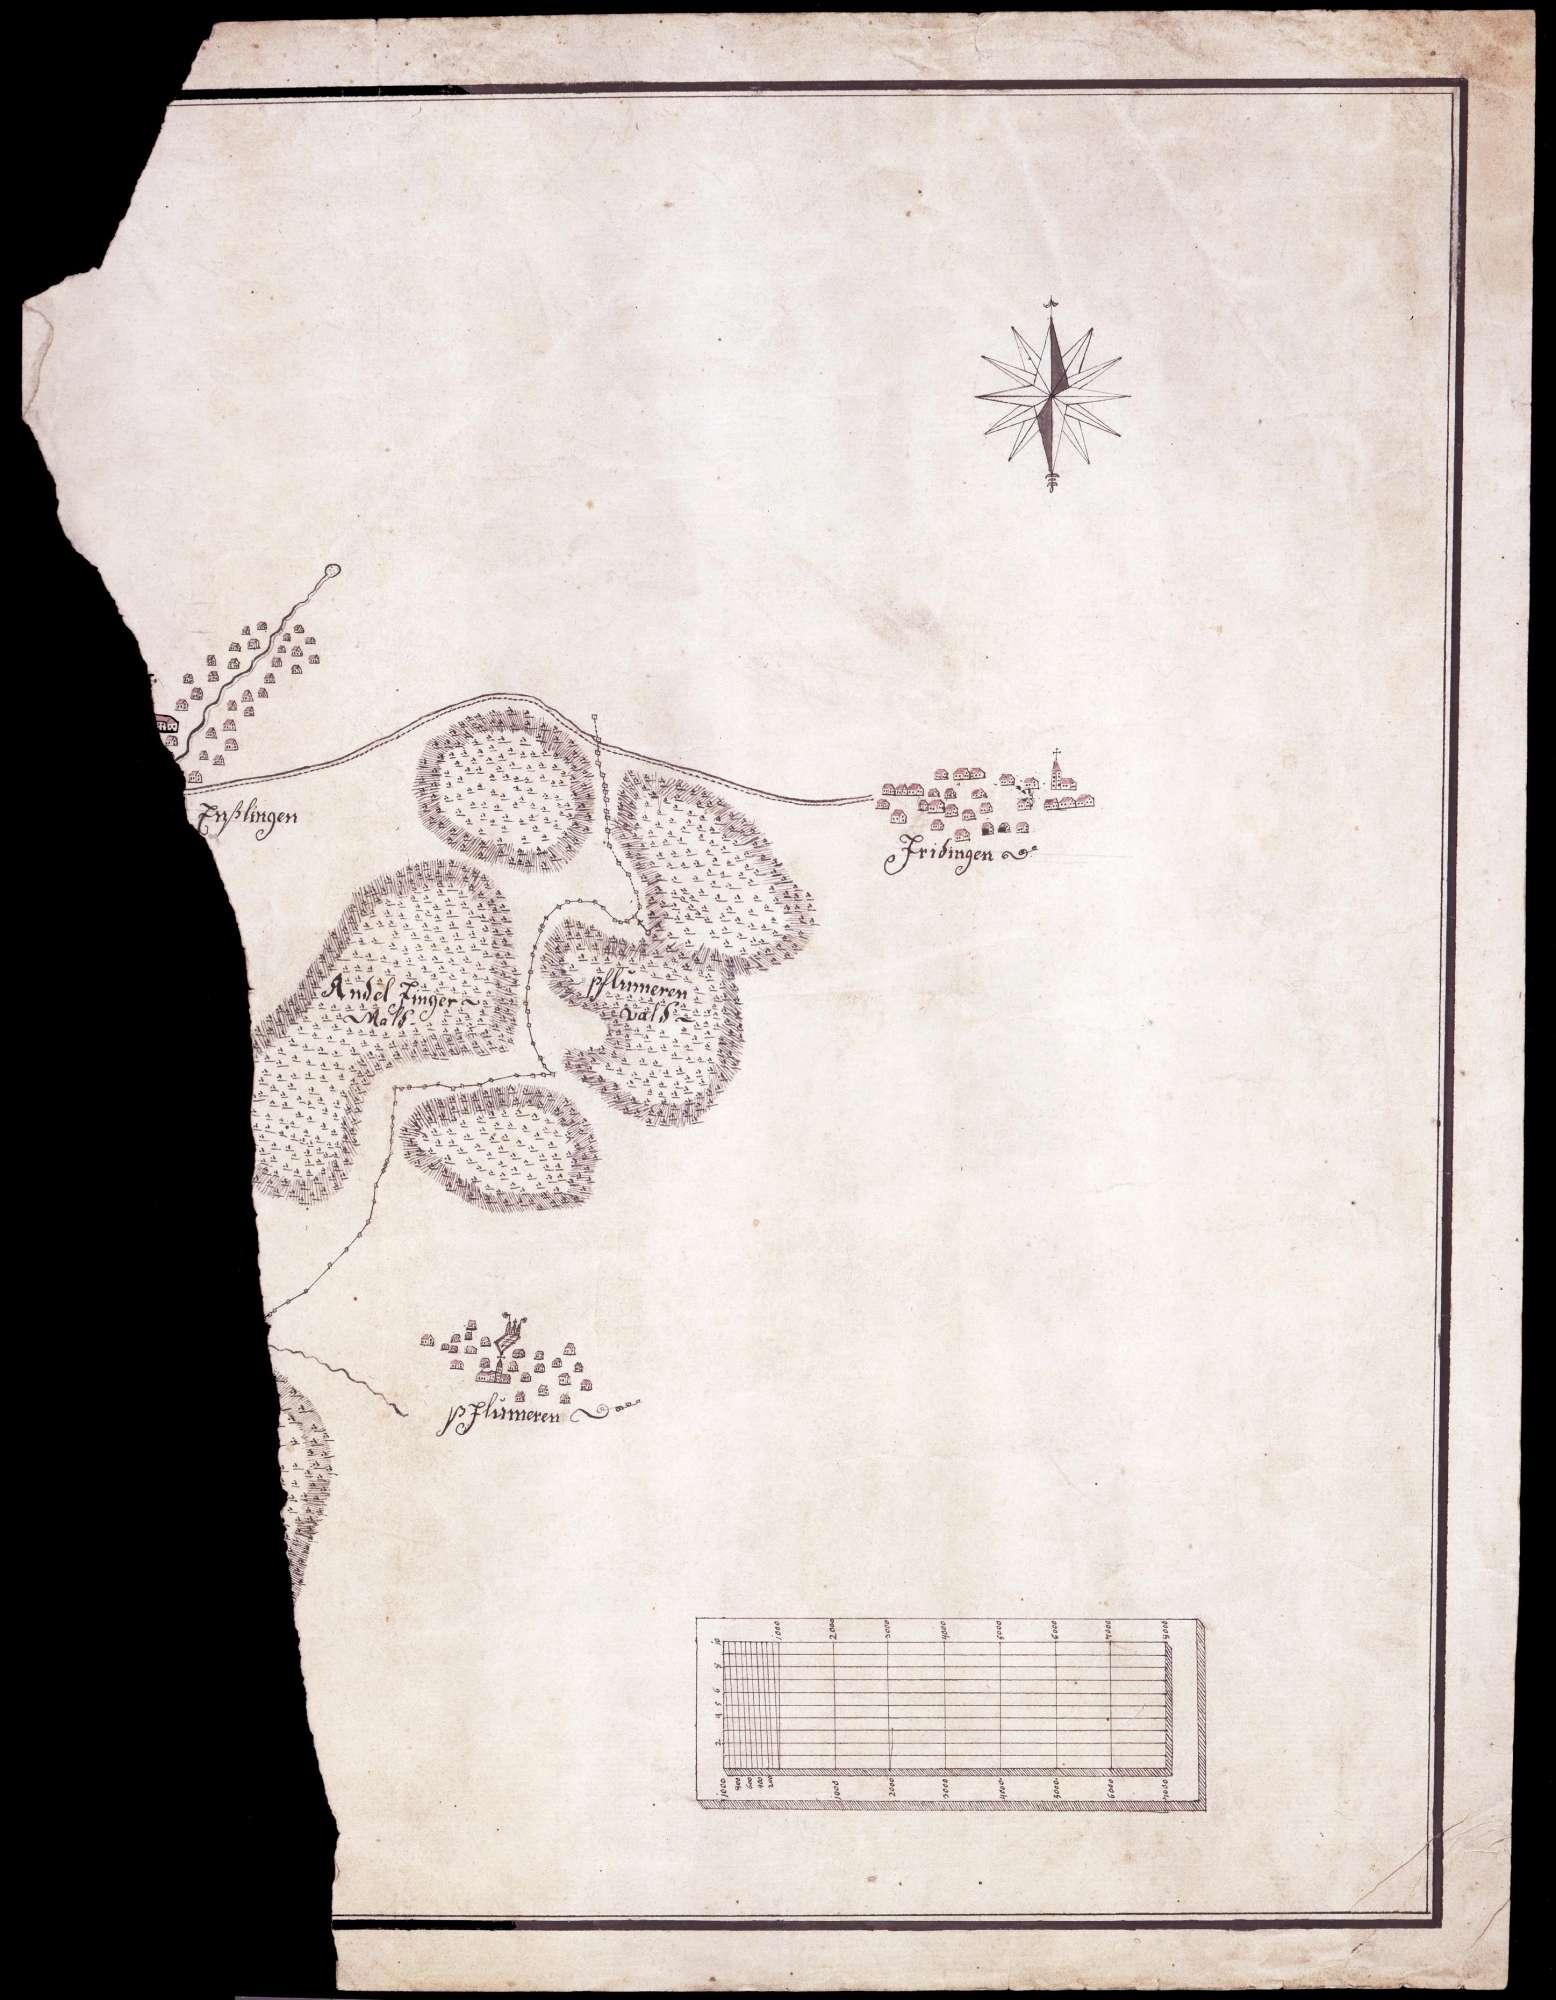 Bruchstück eines Lageplans von Friedingen, Pflummern und Langenenslingen, Bild 1